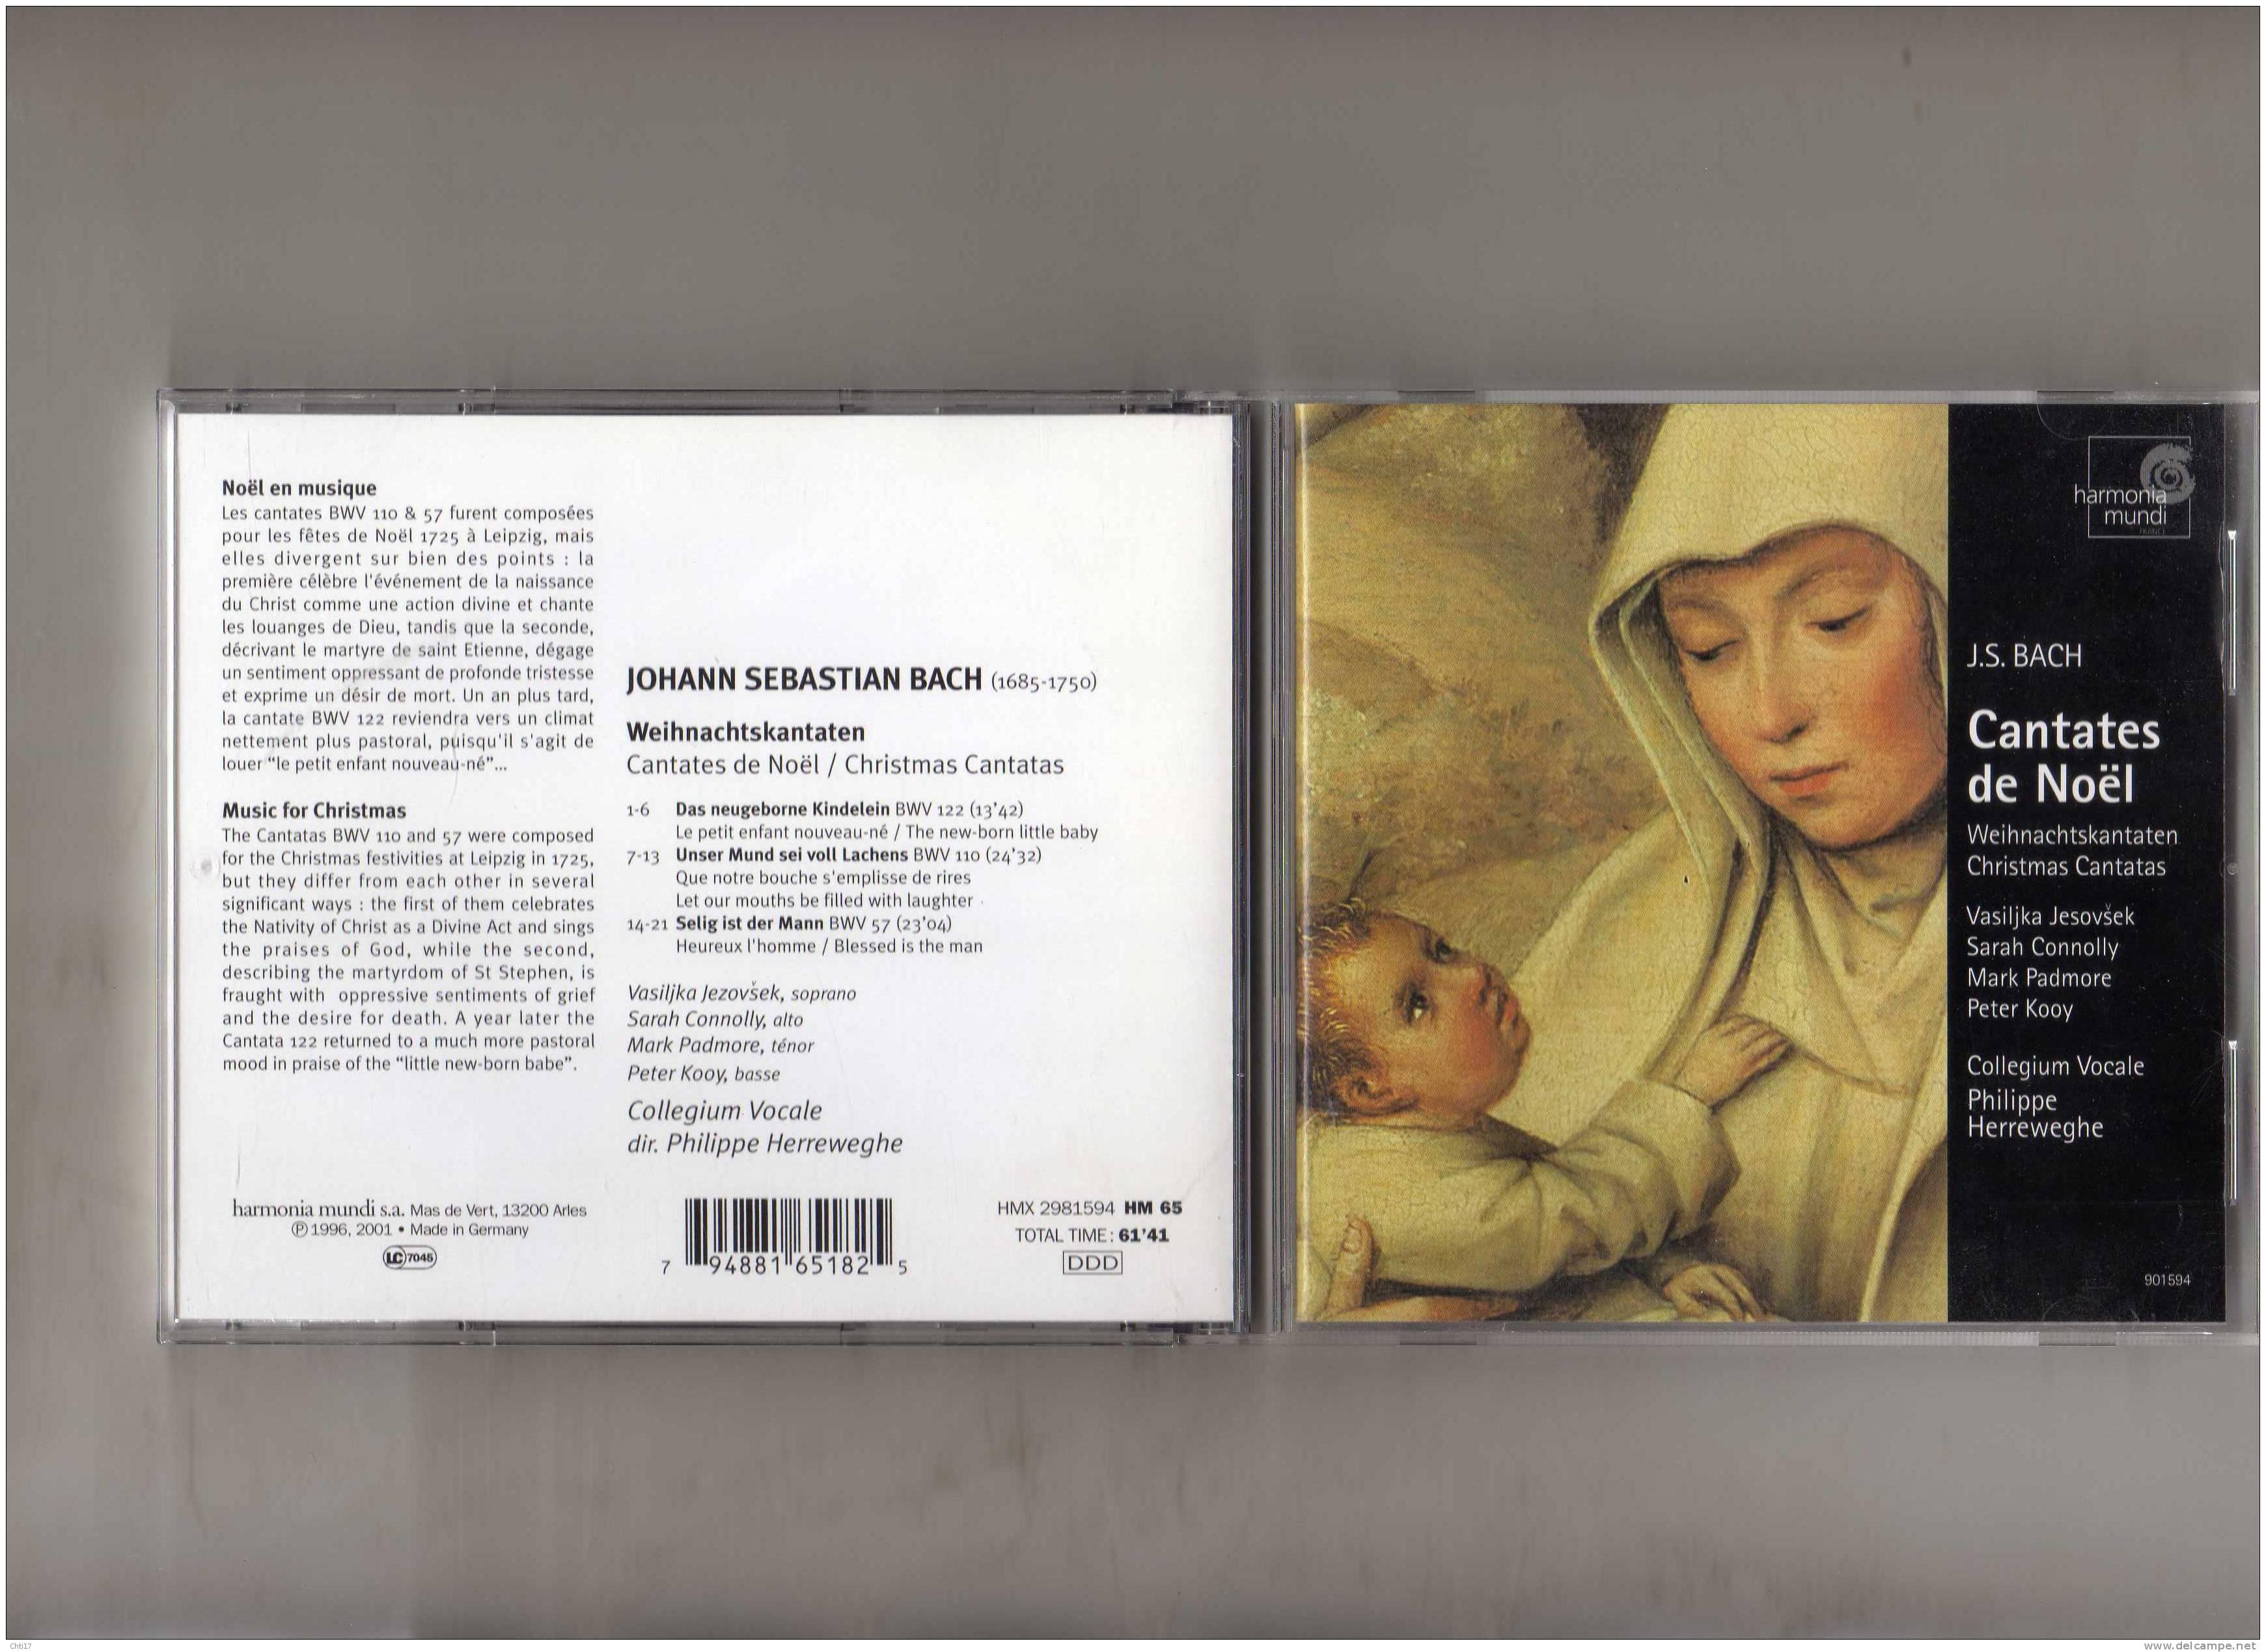 COLLEGIUM VOCALE PHIL HERREWEGHE CANTATES DE NOEL   EDIT HARMONIA MUNDI ENREG 1996 - Klassik